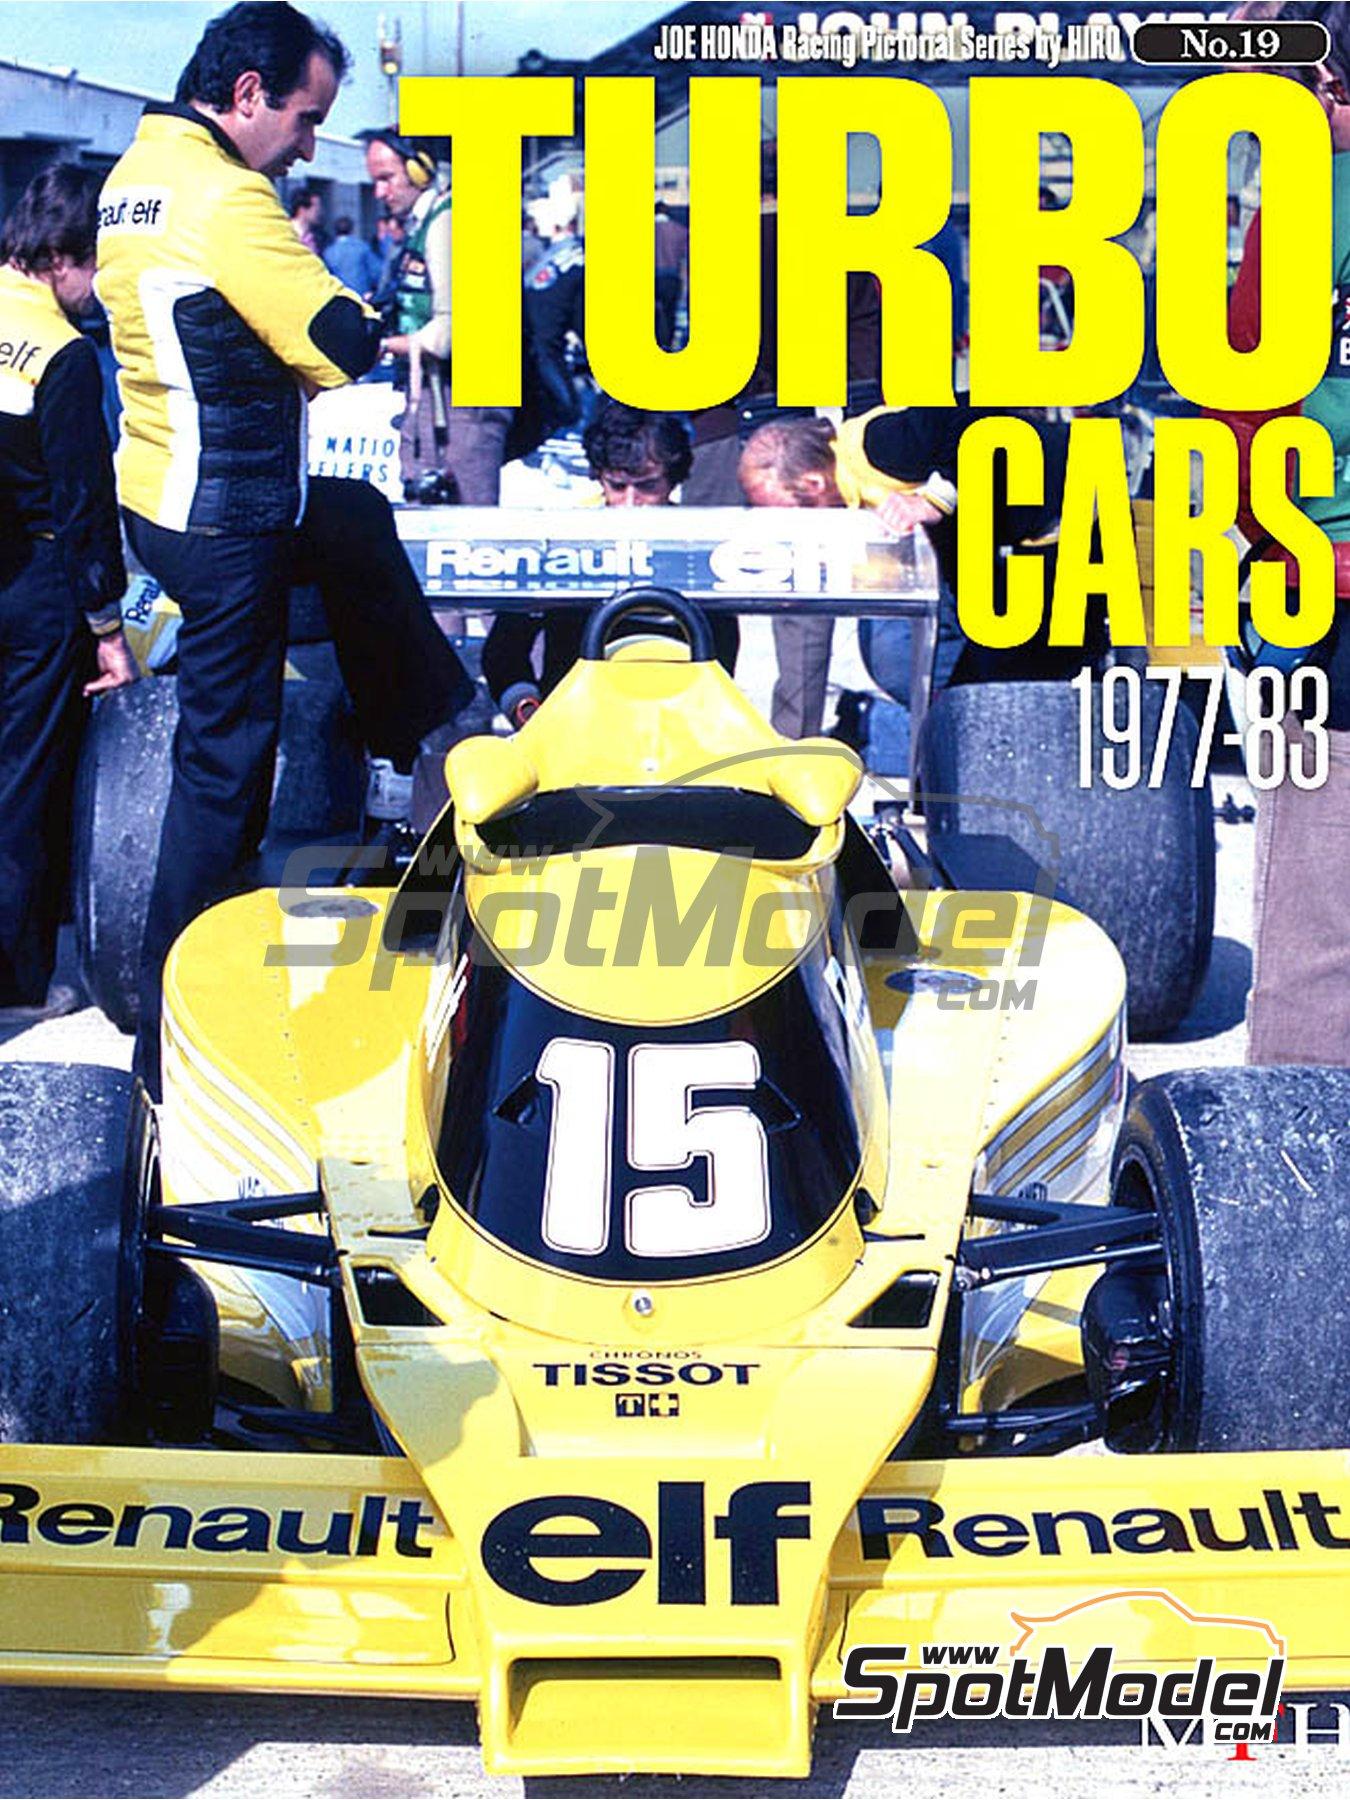 JOE HONDA Racing Pictorial Series - Turbo Cars - Coches con turbo -  1977, 1978, 1979, 1980, 1981, 1982 y 1983 | Libro de referencia fabricado por Model Factory Hiro (ref.MFH-JH19) image